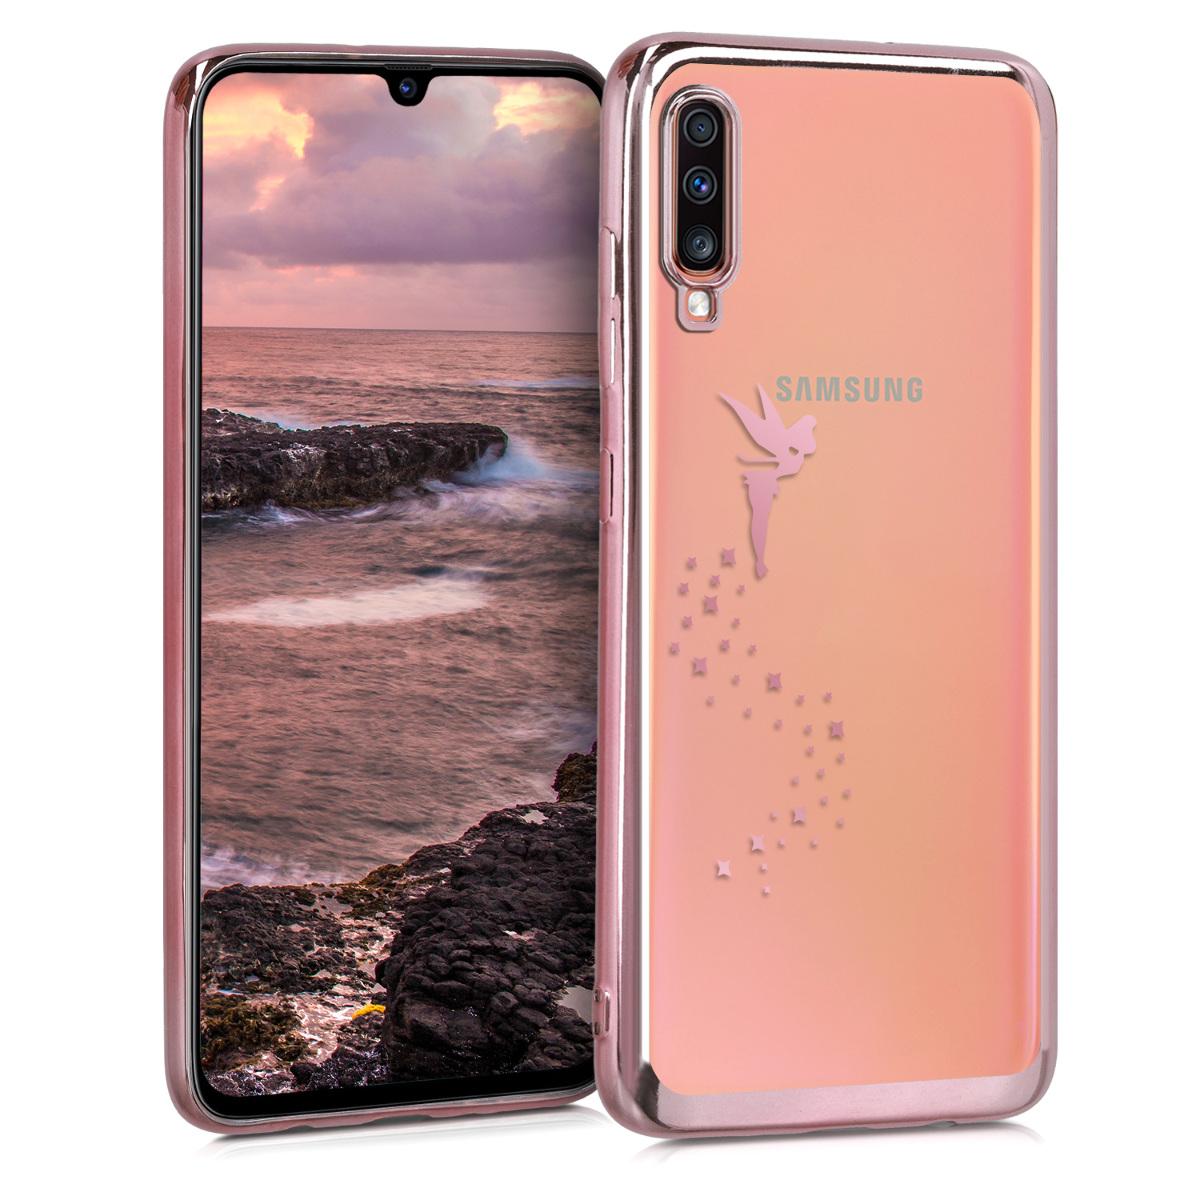 Kvalitní silikonové TPU pouzdro pro Samsung A70 - Víla starorůžové rosegold / transparentní